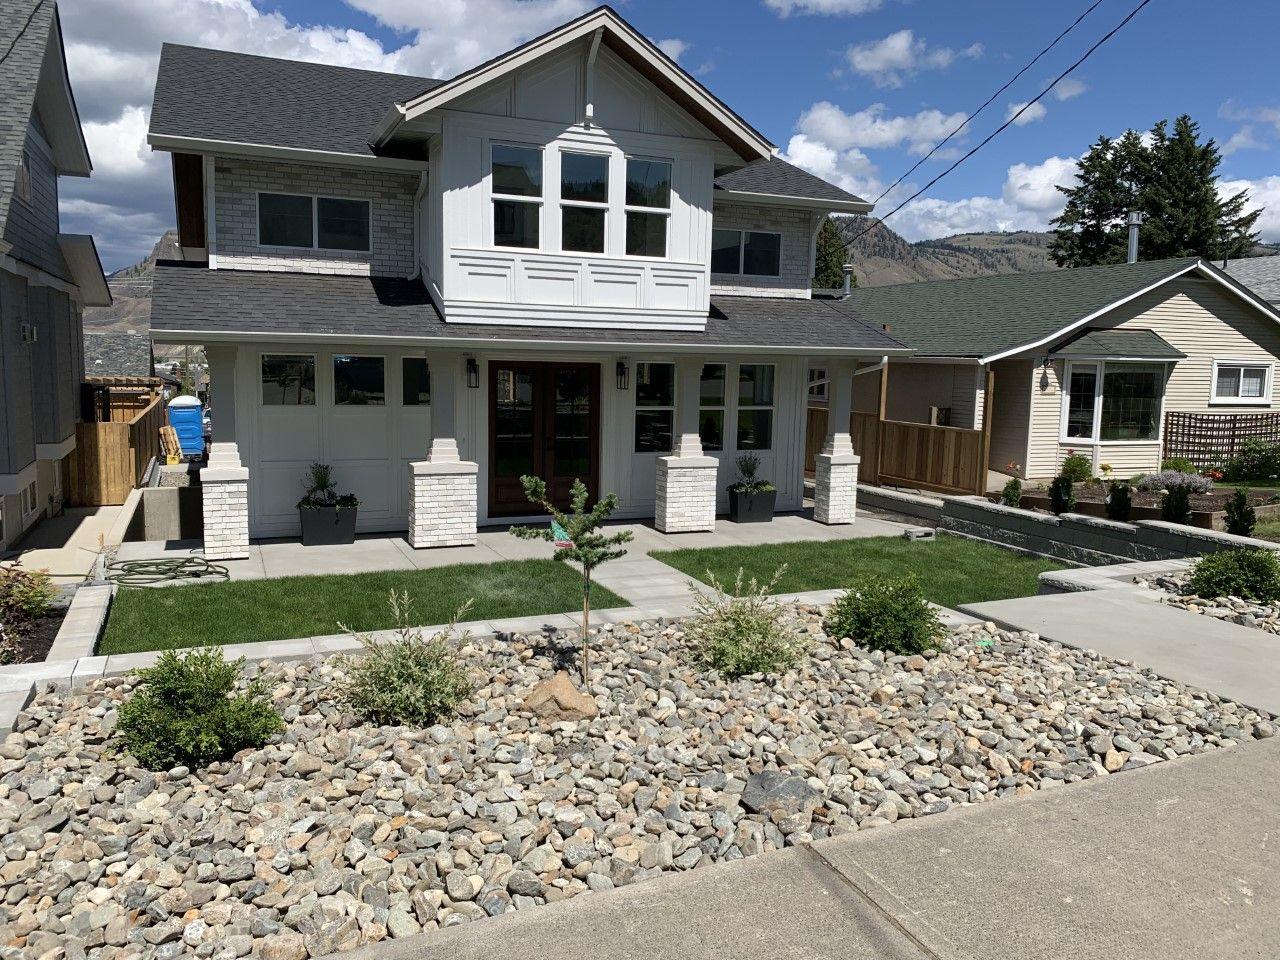 Main Photo: 1022 PINE STREET in KAMLOOPS: SOUTH KAMLOOPS House for sale : MLS®# 160314